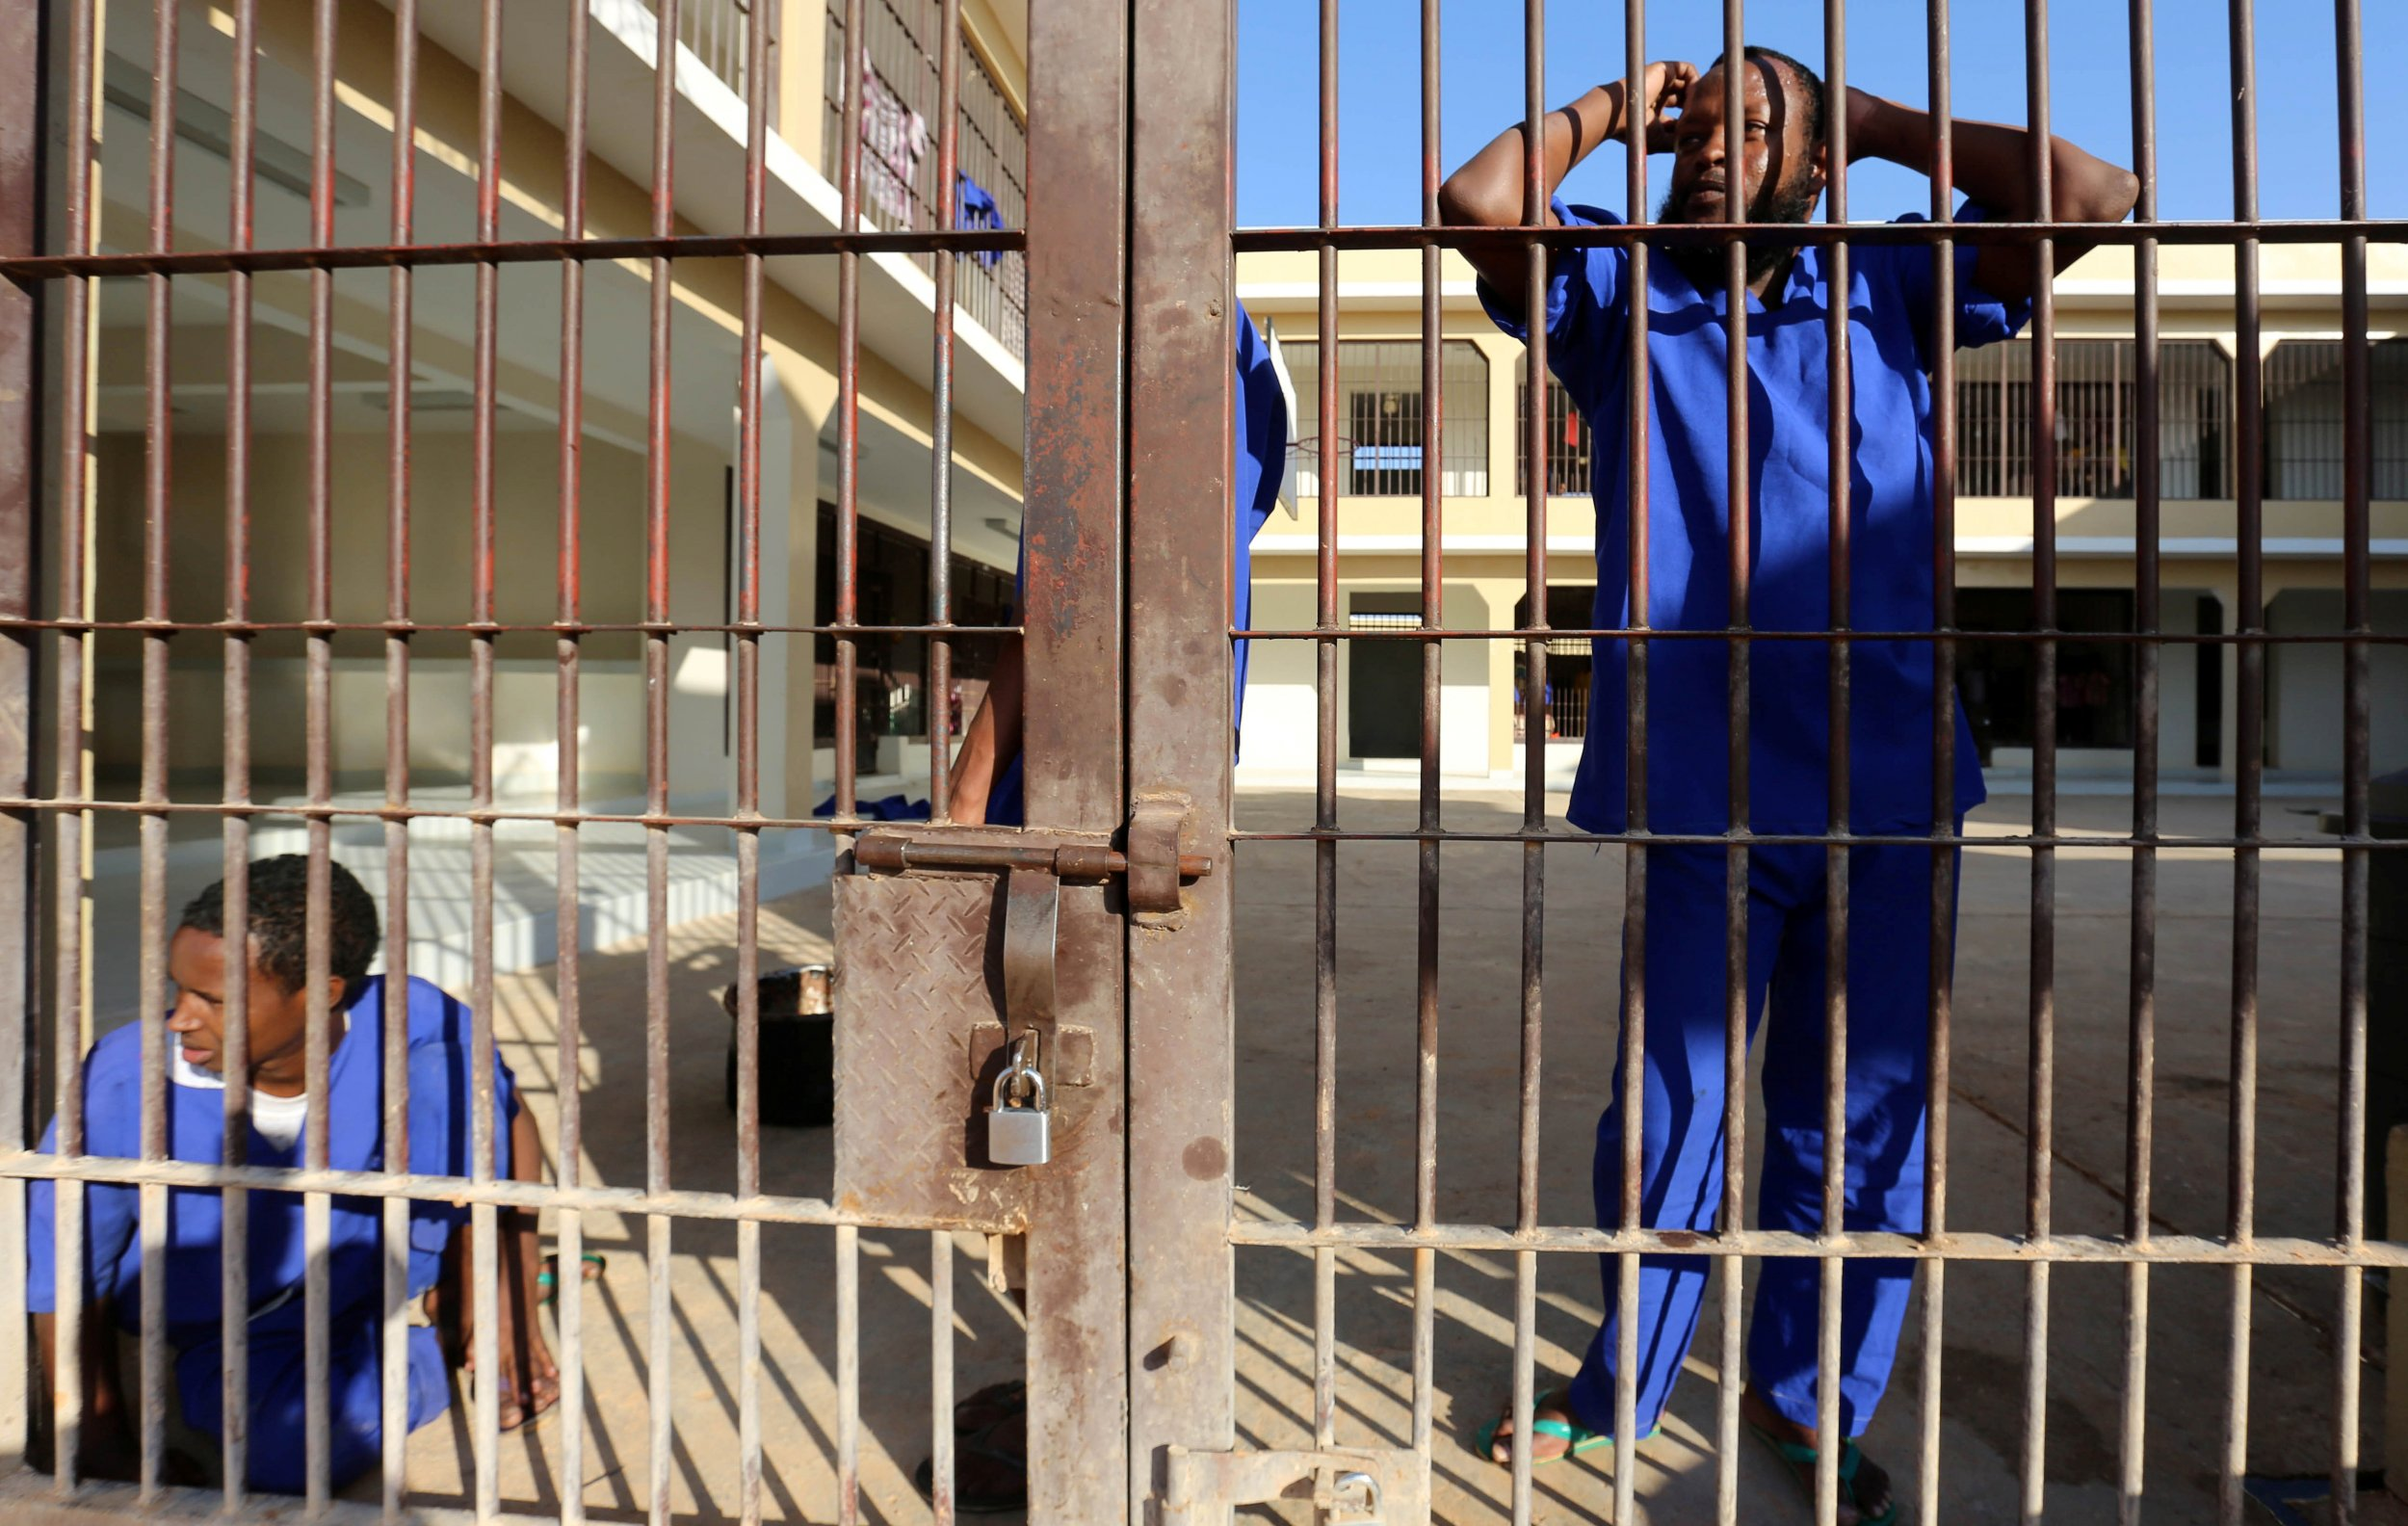 Somalia pirates in prison